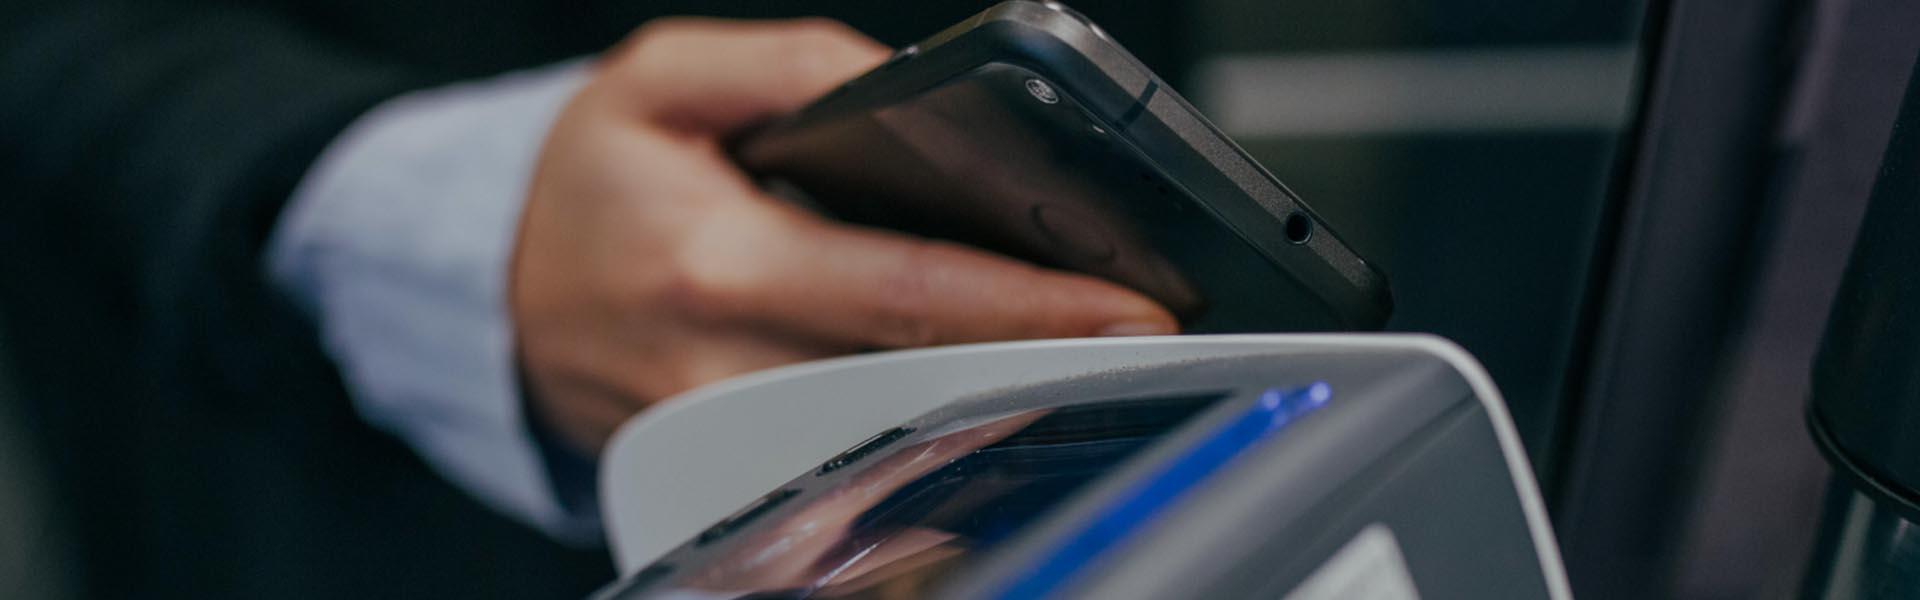 Homem de negócios a fazer um pagamento móvel através do MBWay com um smartphone